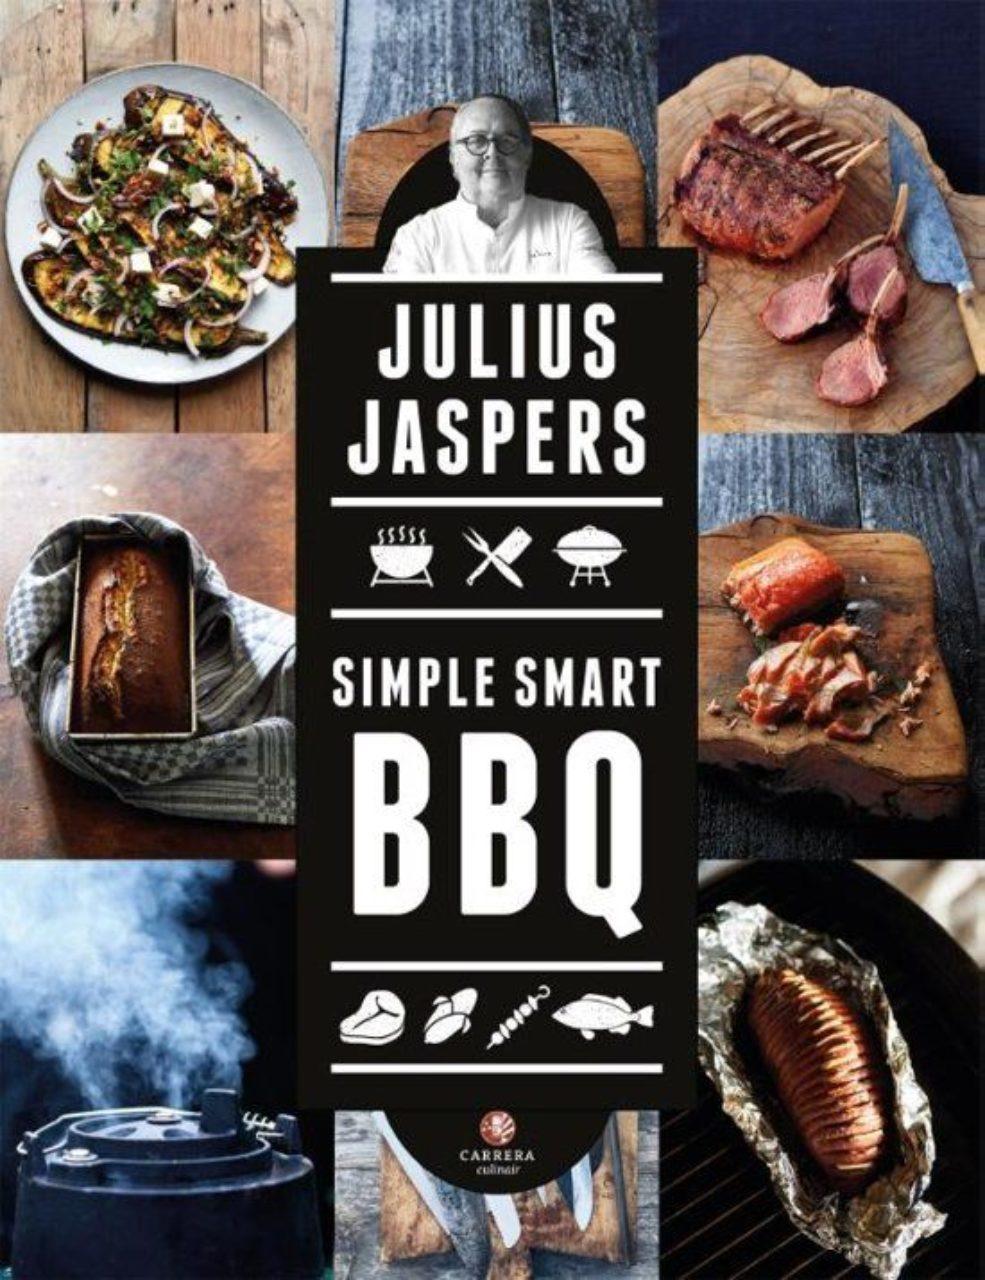 SImple smart bbq meneren Julius Jaspers